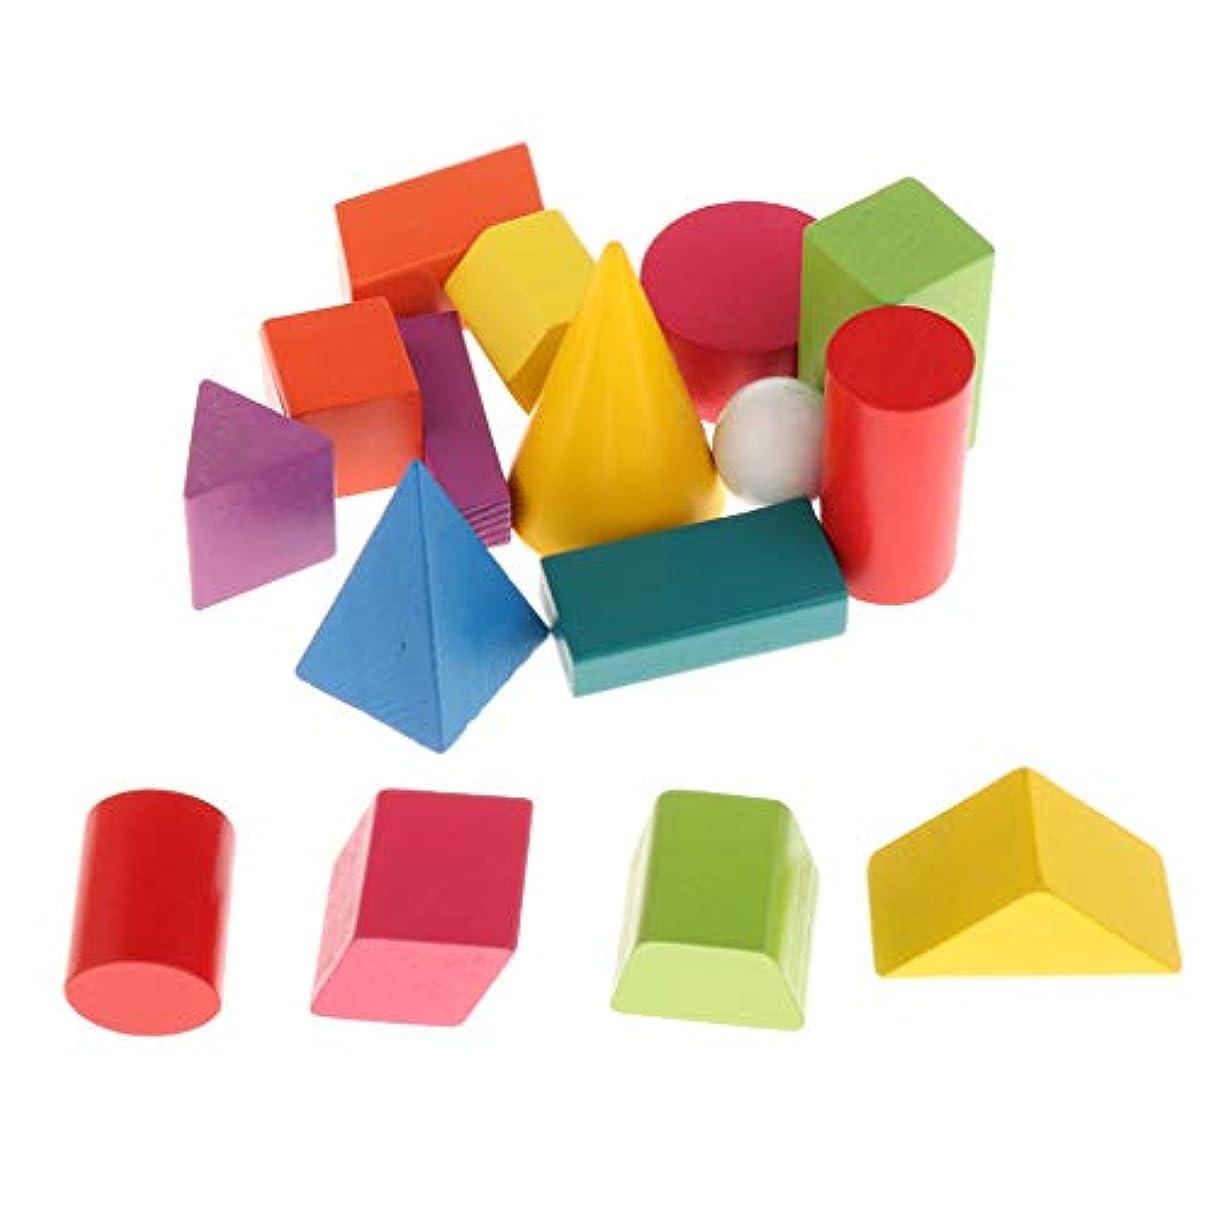 調査ブランド終了する#N/A 16ピース/別3Dソリッド幾何学的形状木製おもちゃ数学ゲームブロック